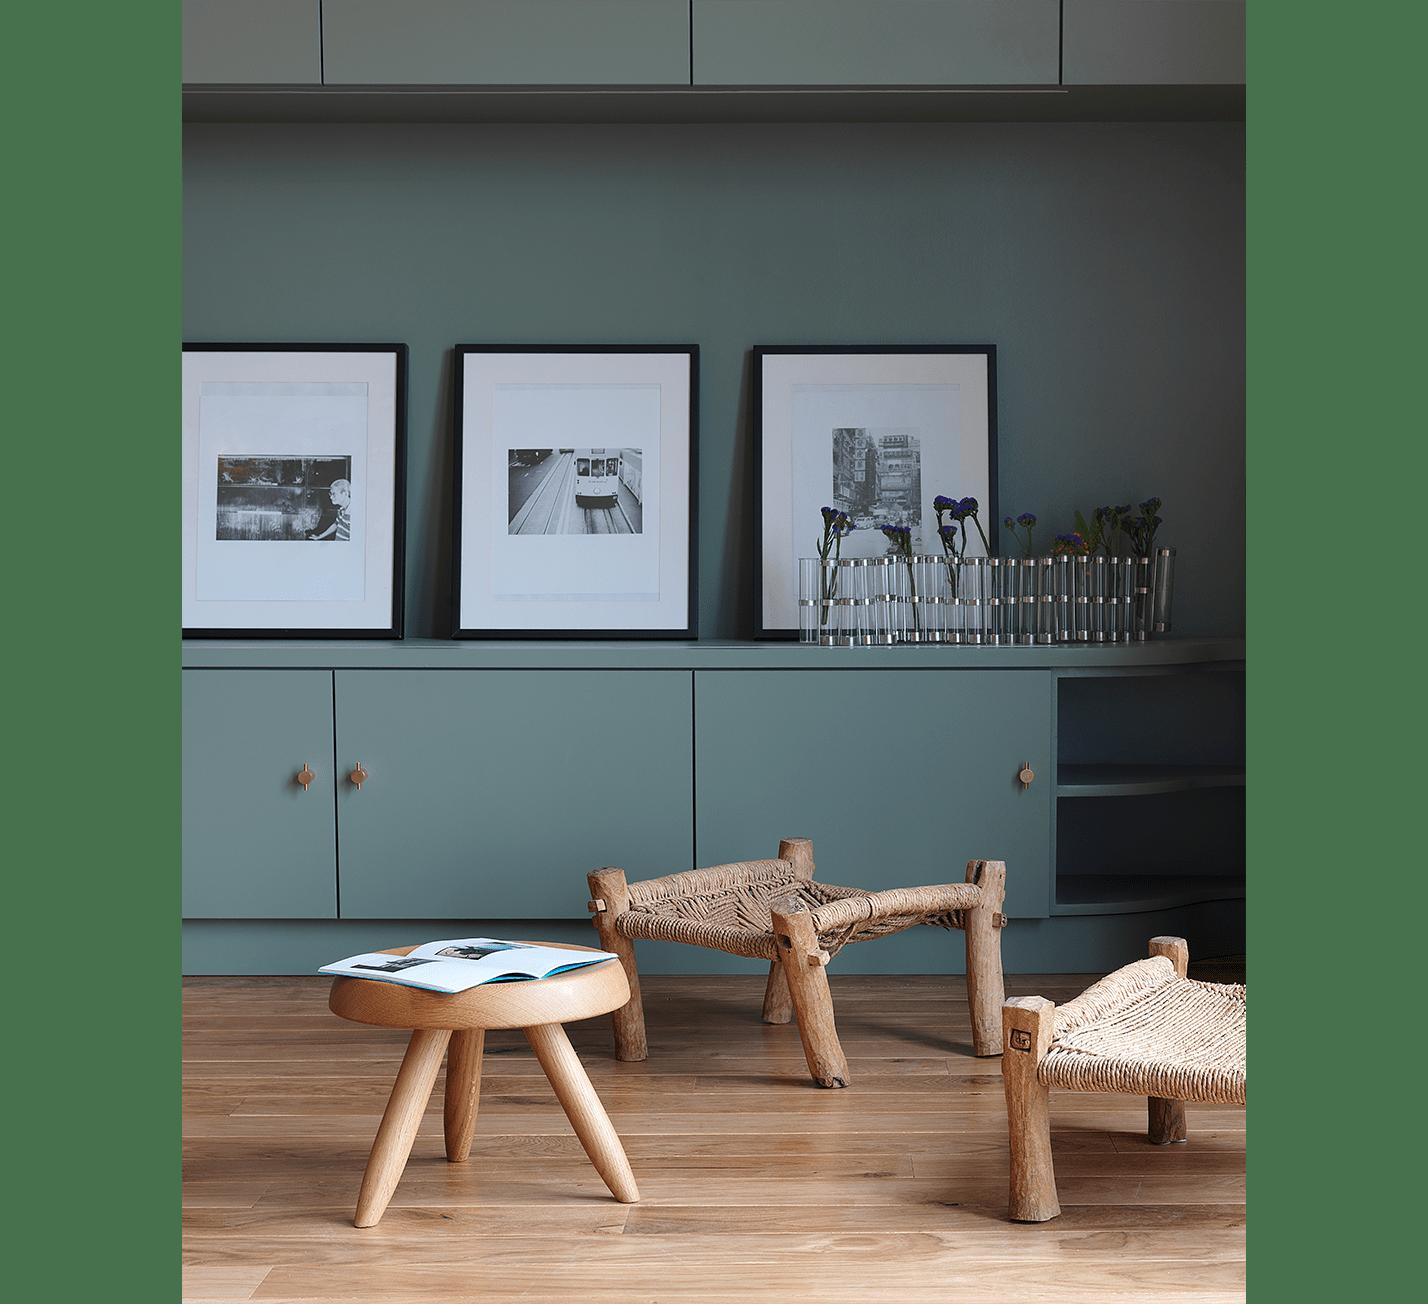 Projet-Est-Atelier-Steve-Pauline-Borgia-Architecture-interieur-09-min